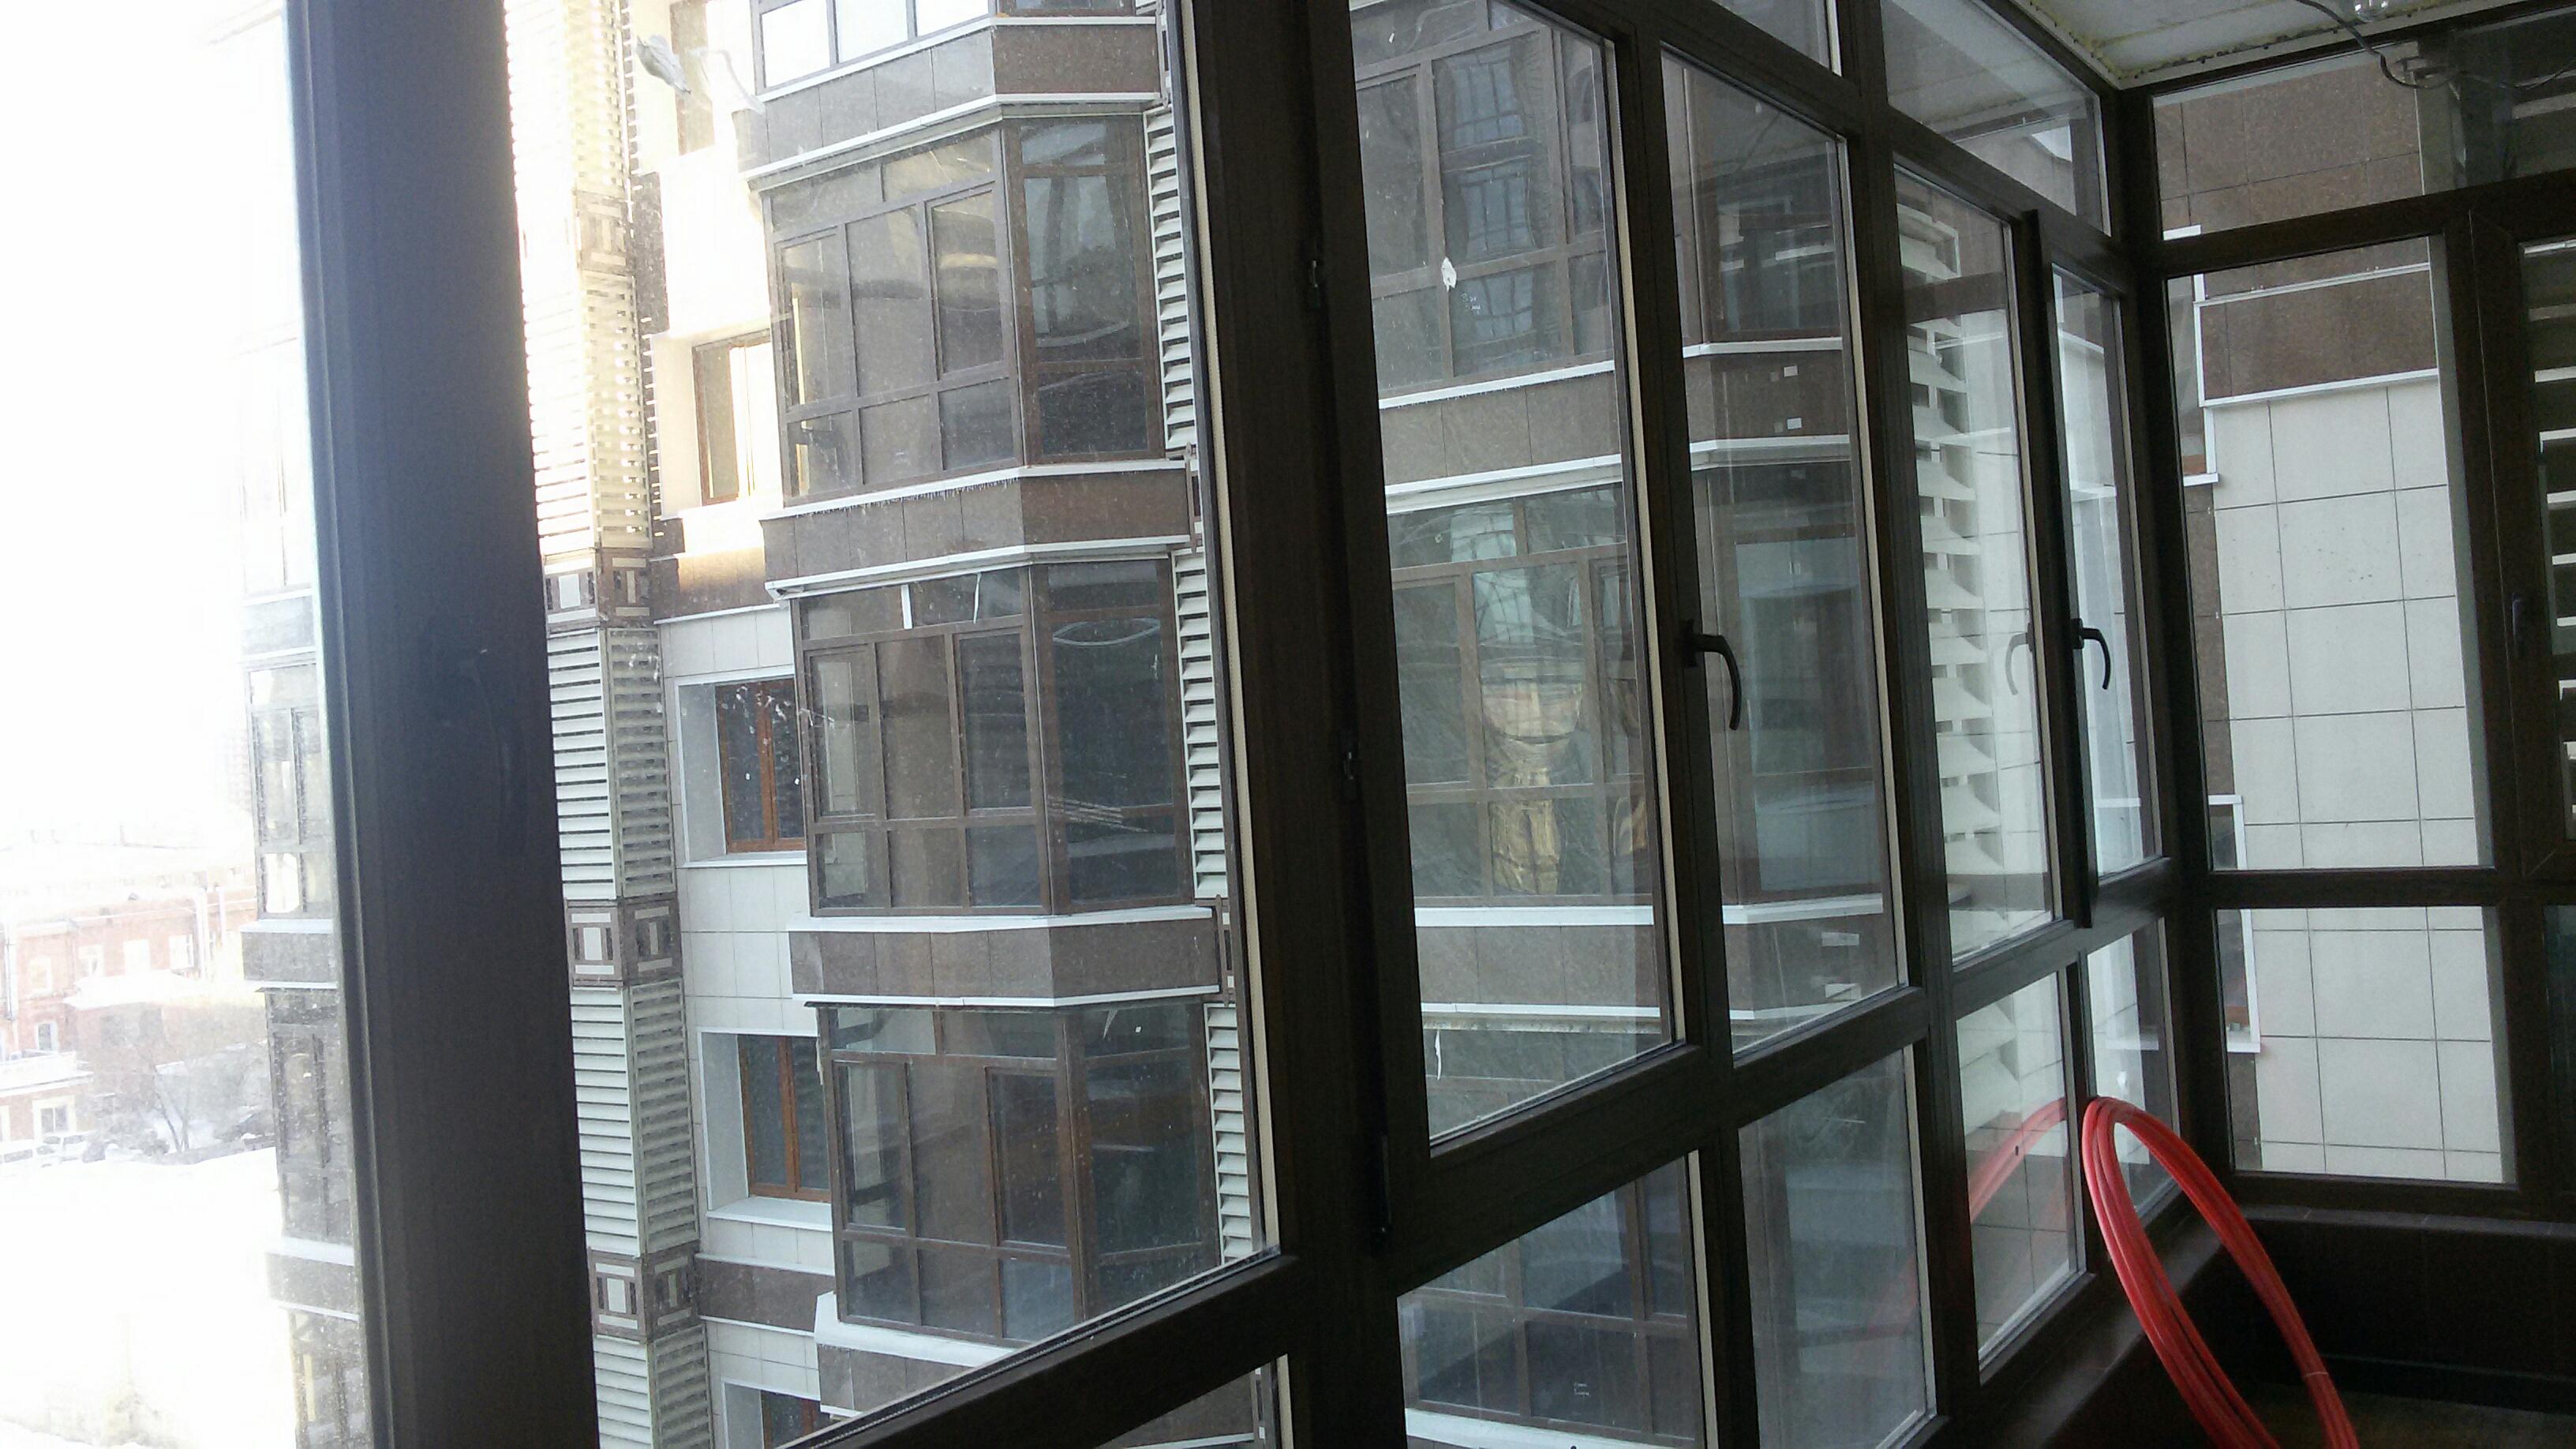 Ответы@mail.ru: будет ли теплее на балконе если заменить сте.